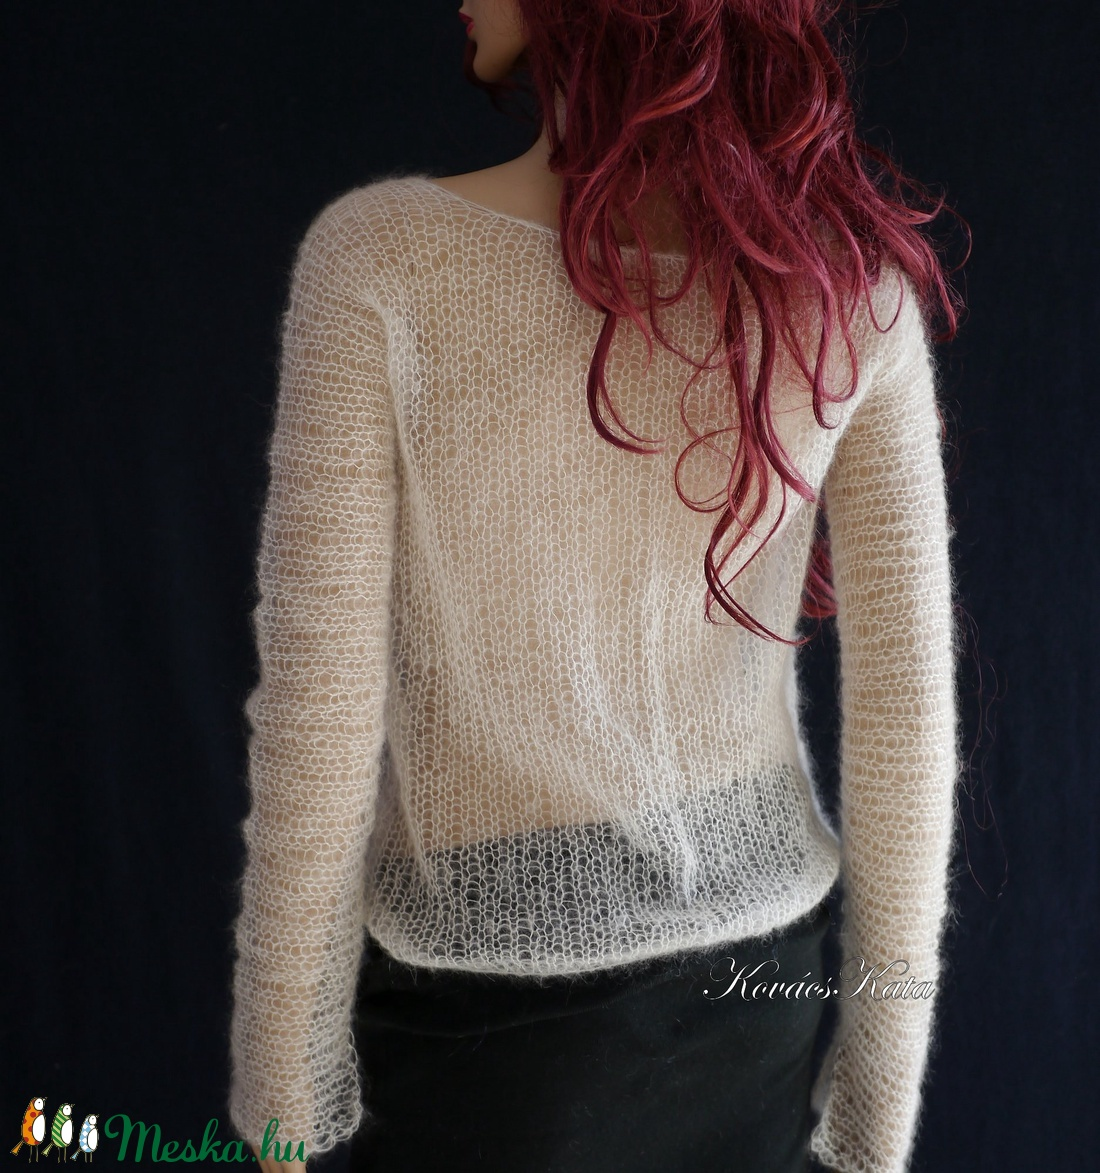 TIFFANY / fehér - szexi selyem-mohair pulóver - kézzel kötött - ruha & divat - női ruha - pulóver & kardigán - Meska.hu